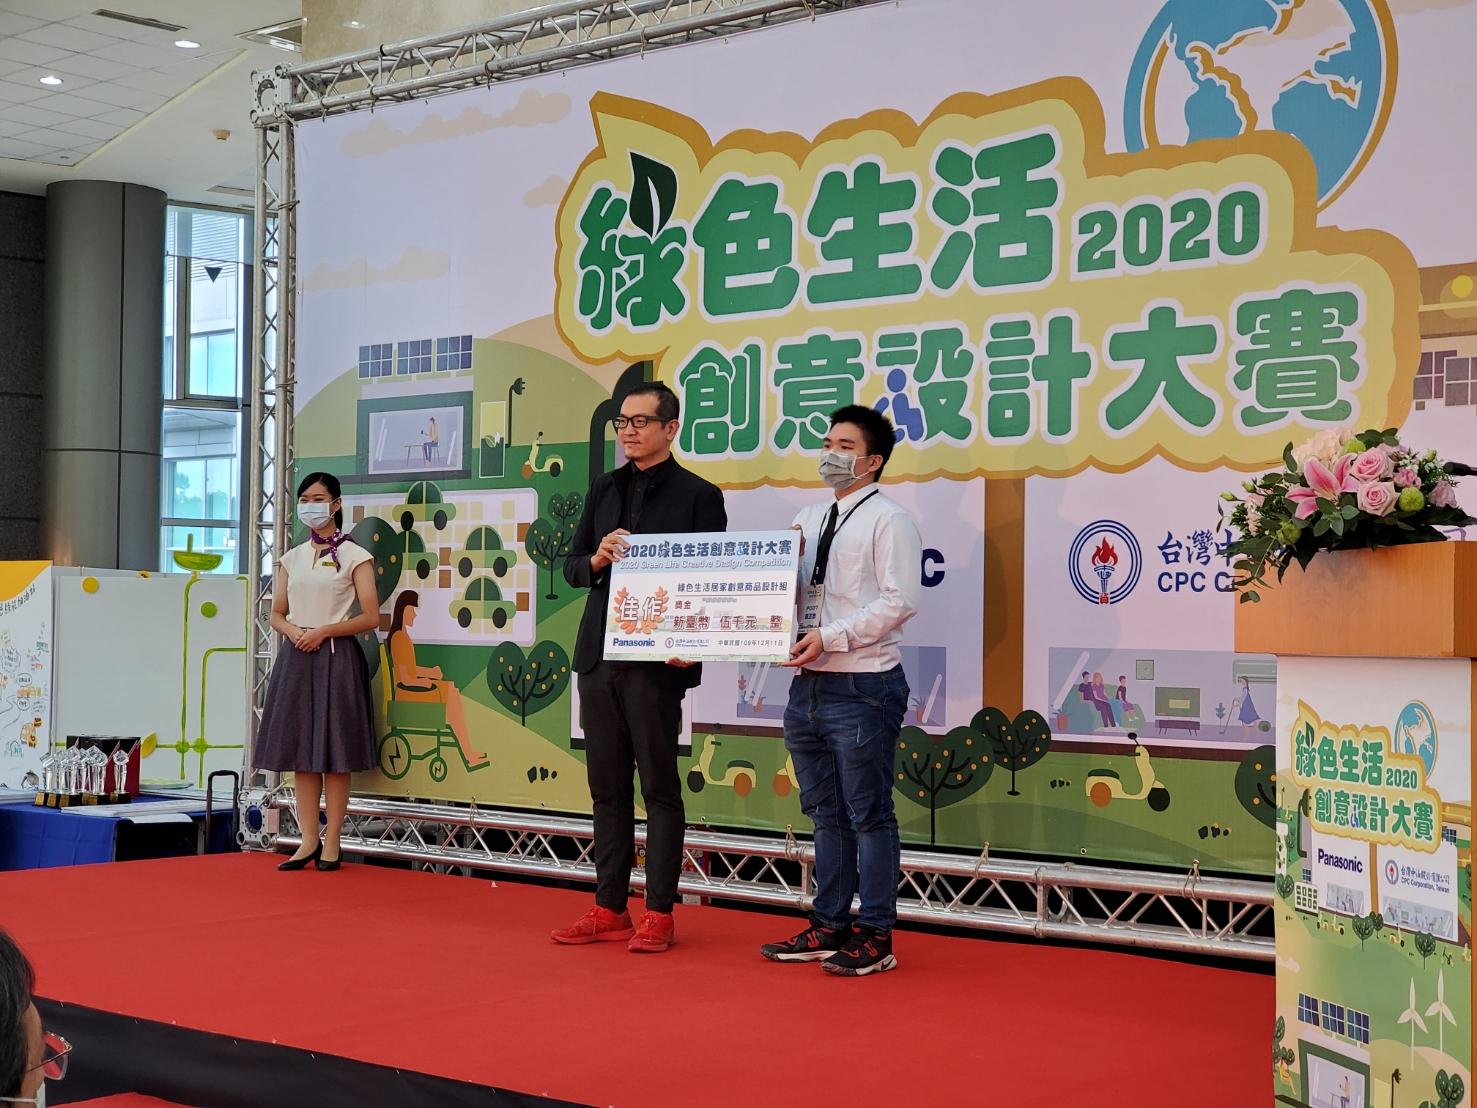 蔡錫鐃老師帶領團隊參加「2020綠色生活創意設計大賽」,榮獲「綠色生活居家創意商品設計組」佳作